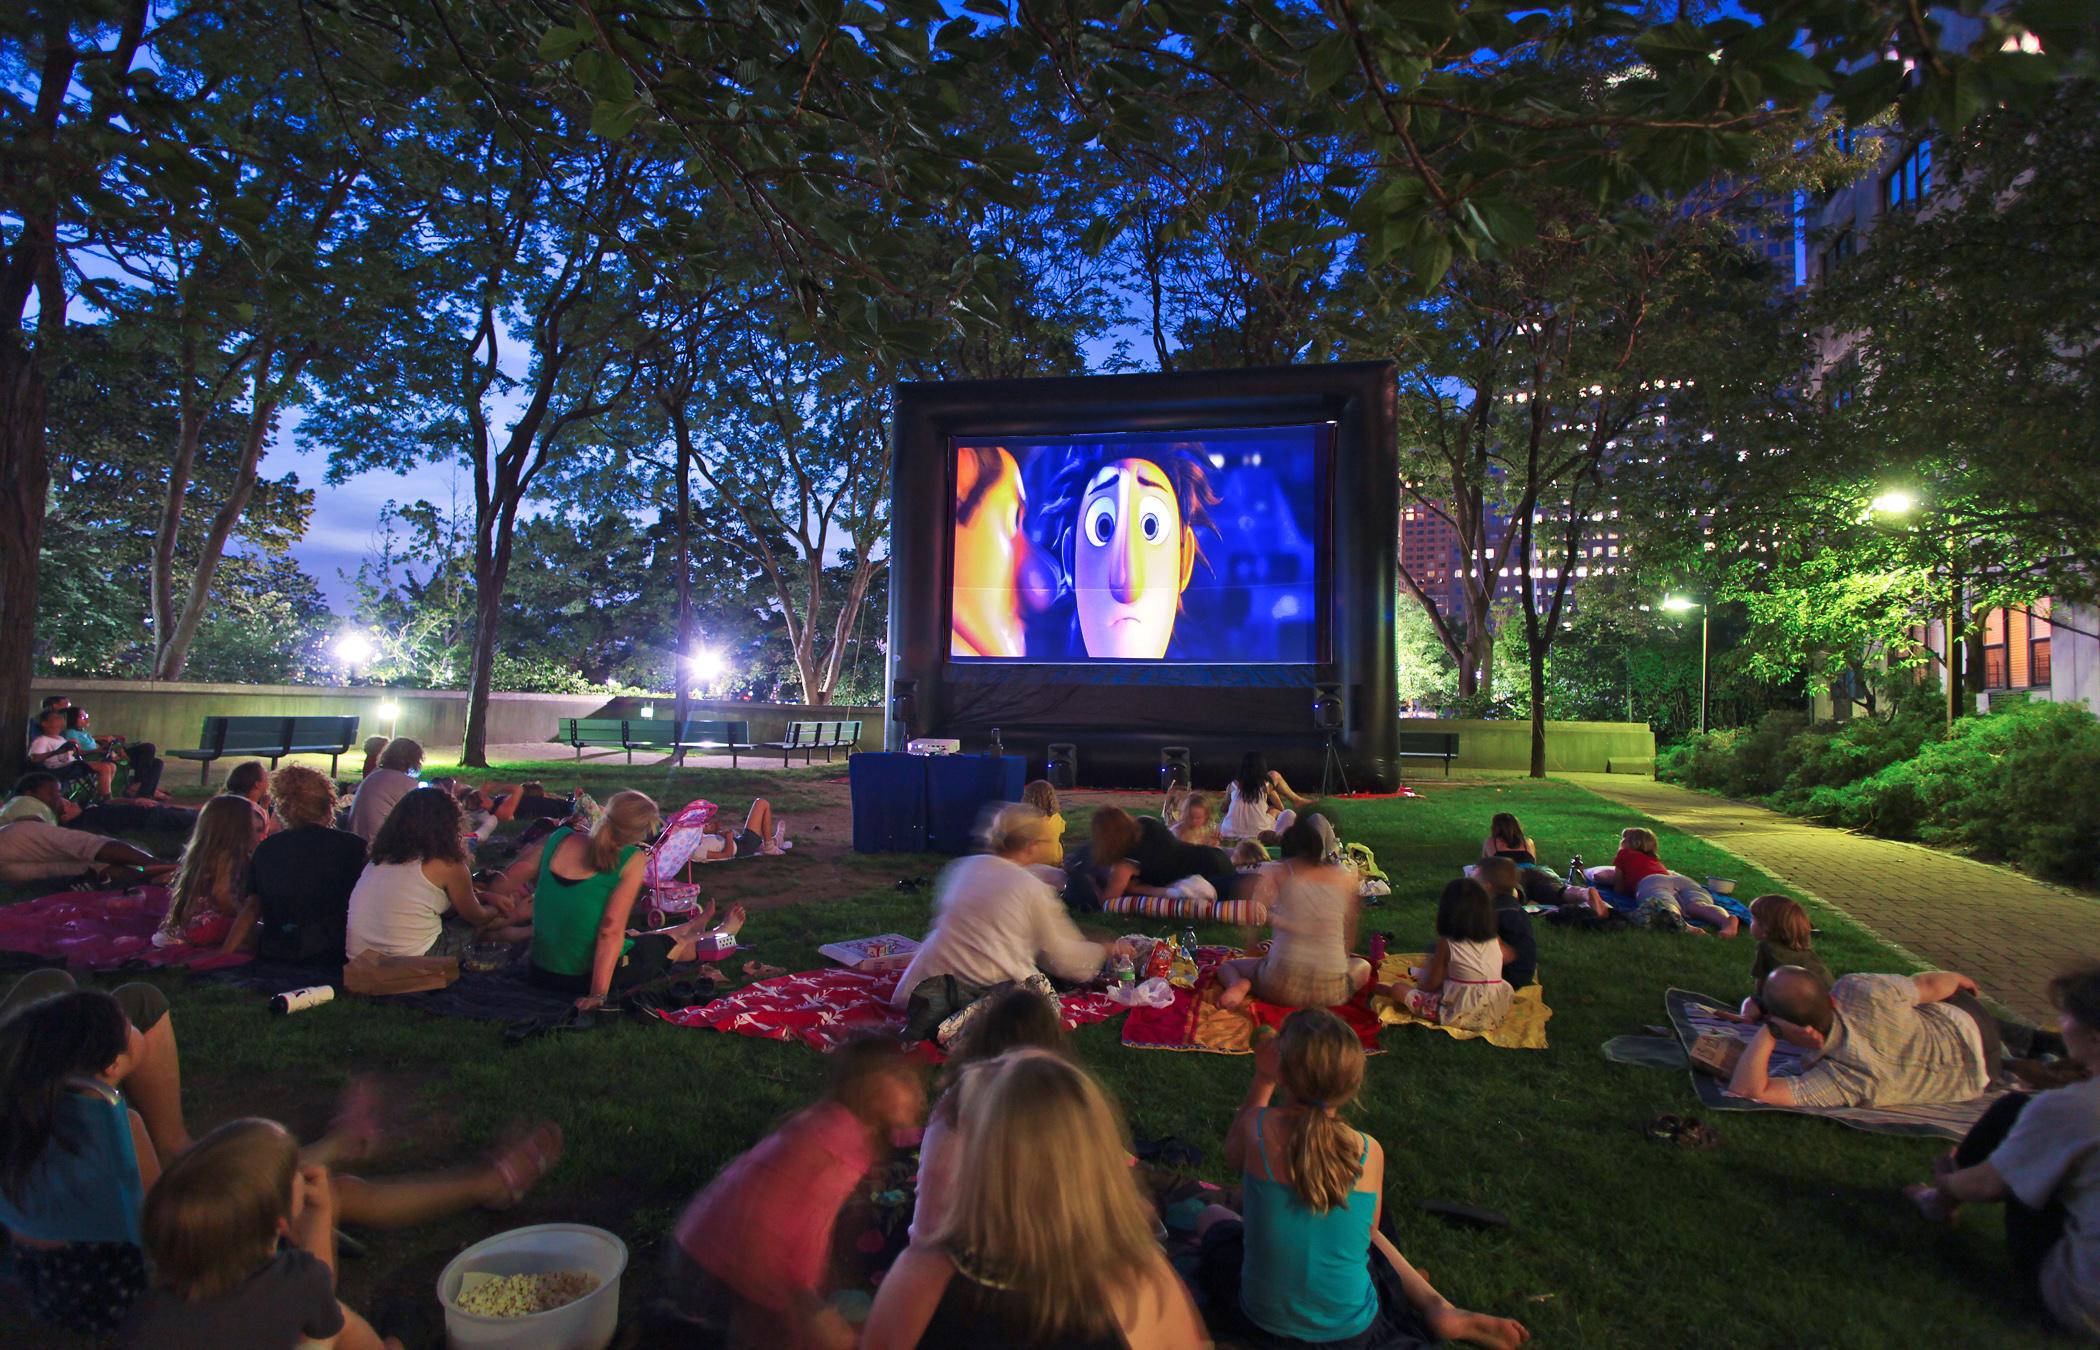 North Myrtle Beach Outdoor Movies